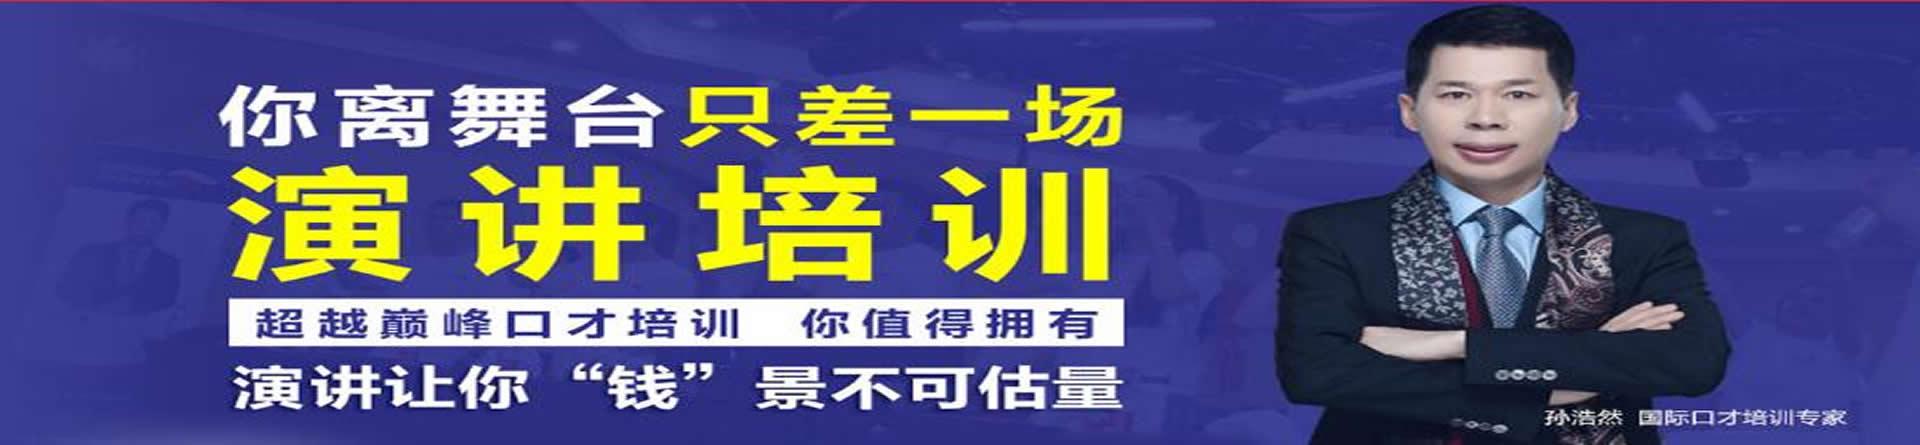 郑州青少年演讲训练班培训课程